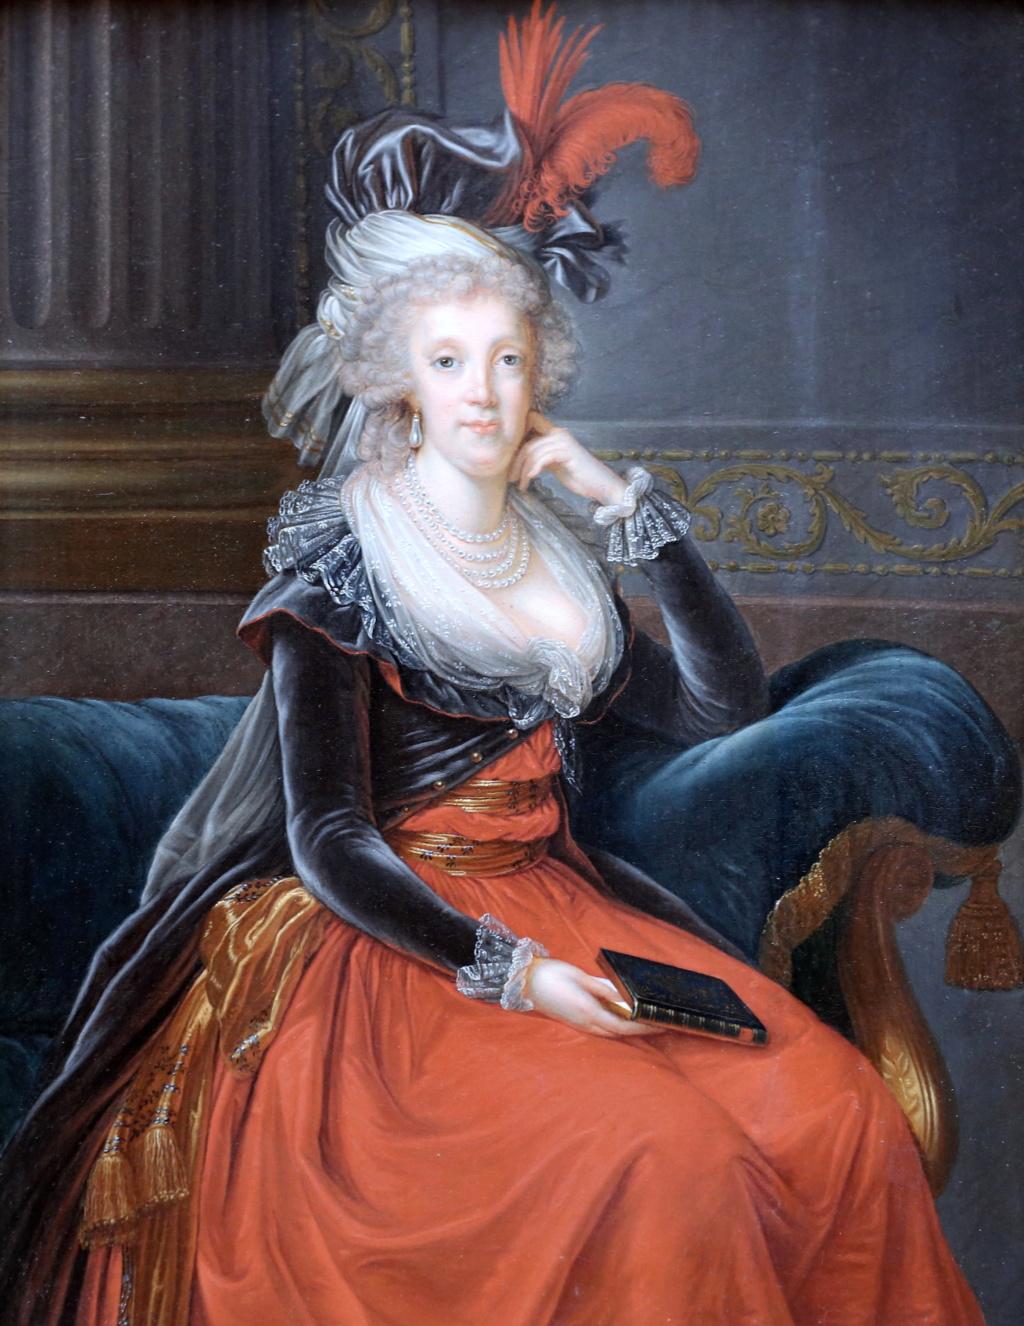 Portraits de Marie Caroline d'Autriche, reine de Naples et de Sicile - Page 3 Vigeae20